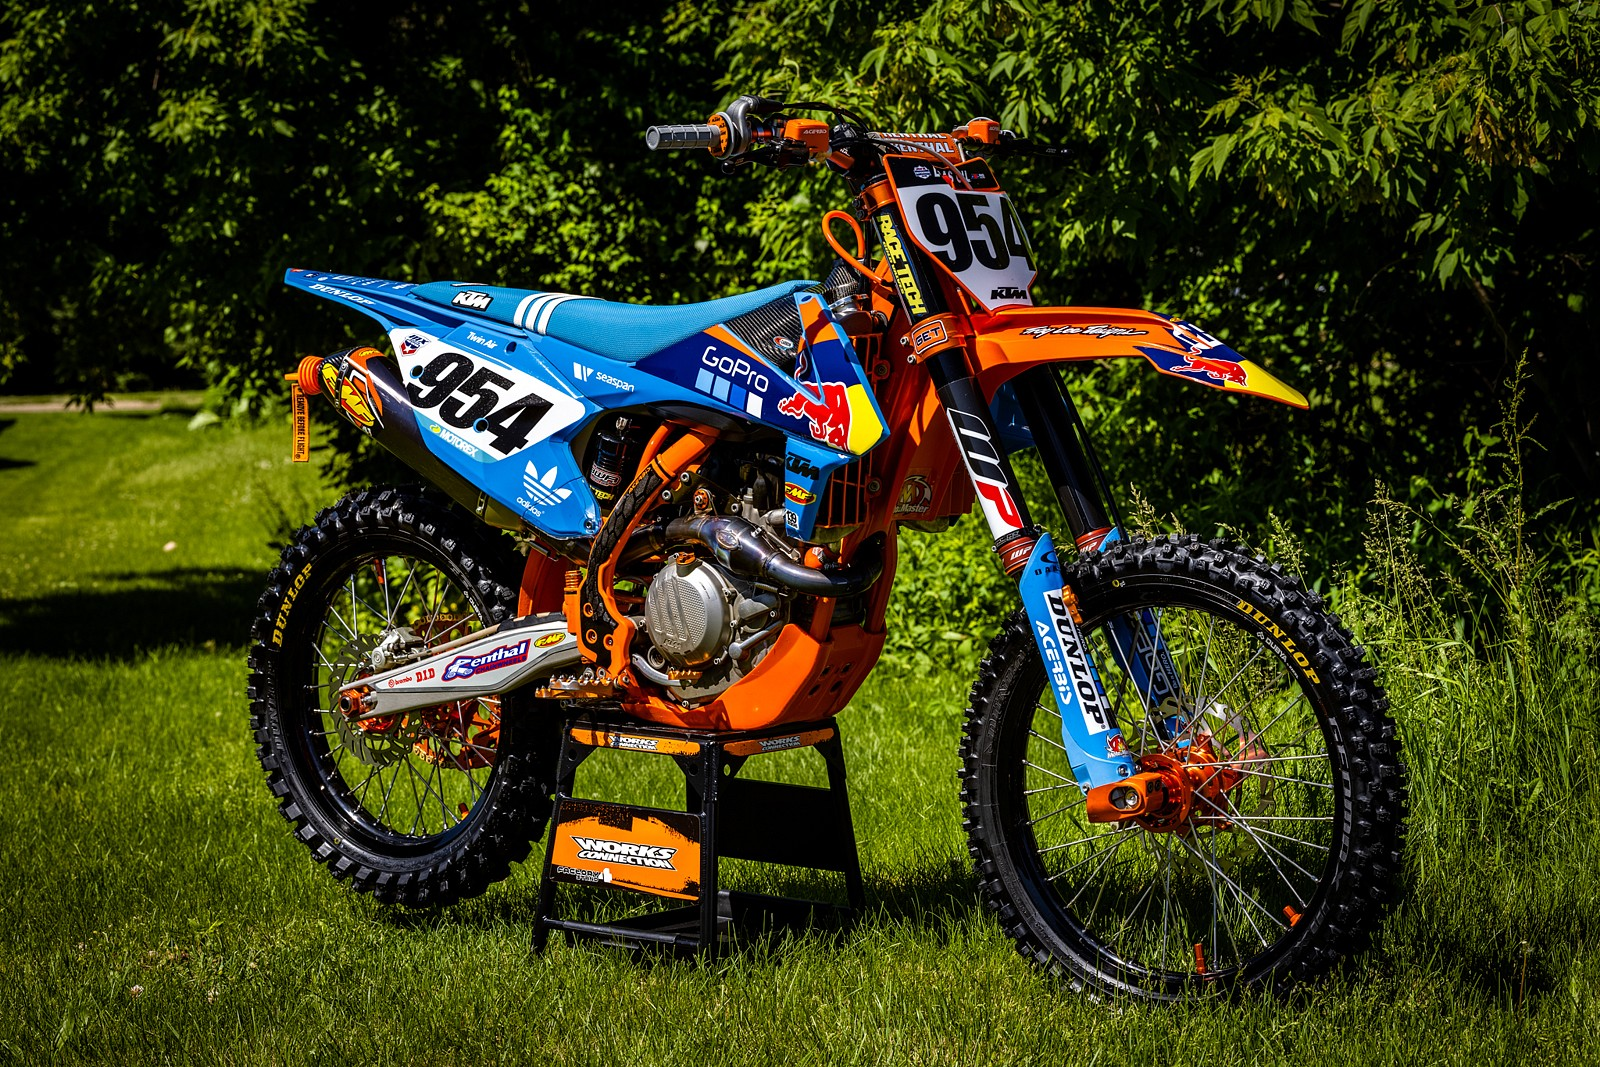 ktm 22 - GForce MMG - Motocross Pictures - Vital MX